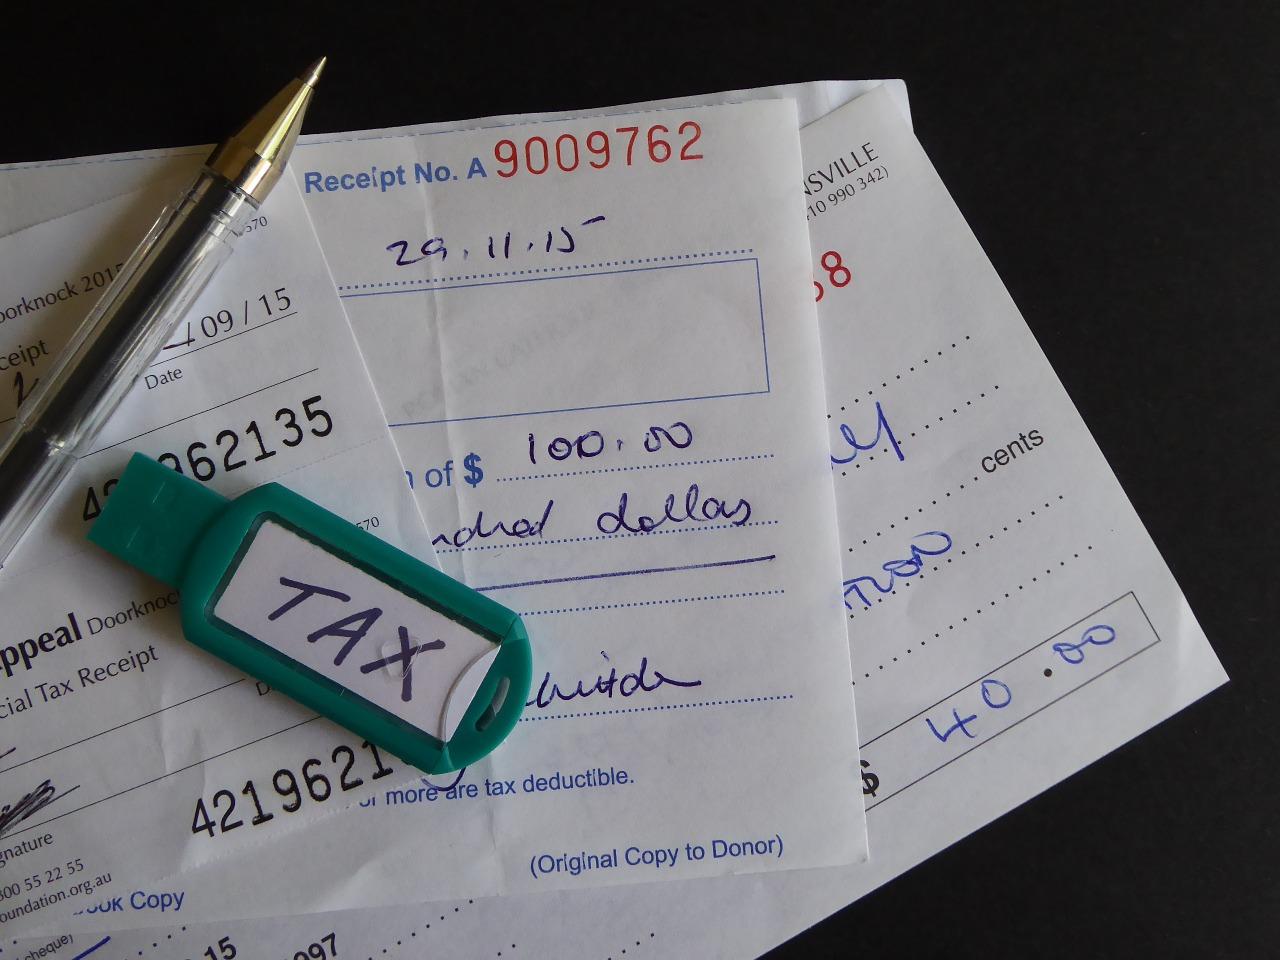 別居中でも扶養控除は受けられるのか。別居夫婦の【税金事情】まとめ